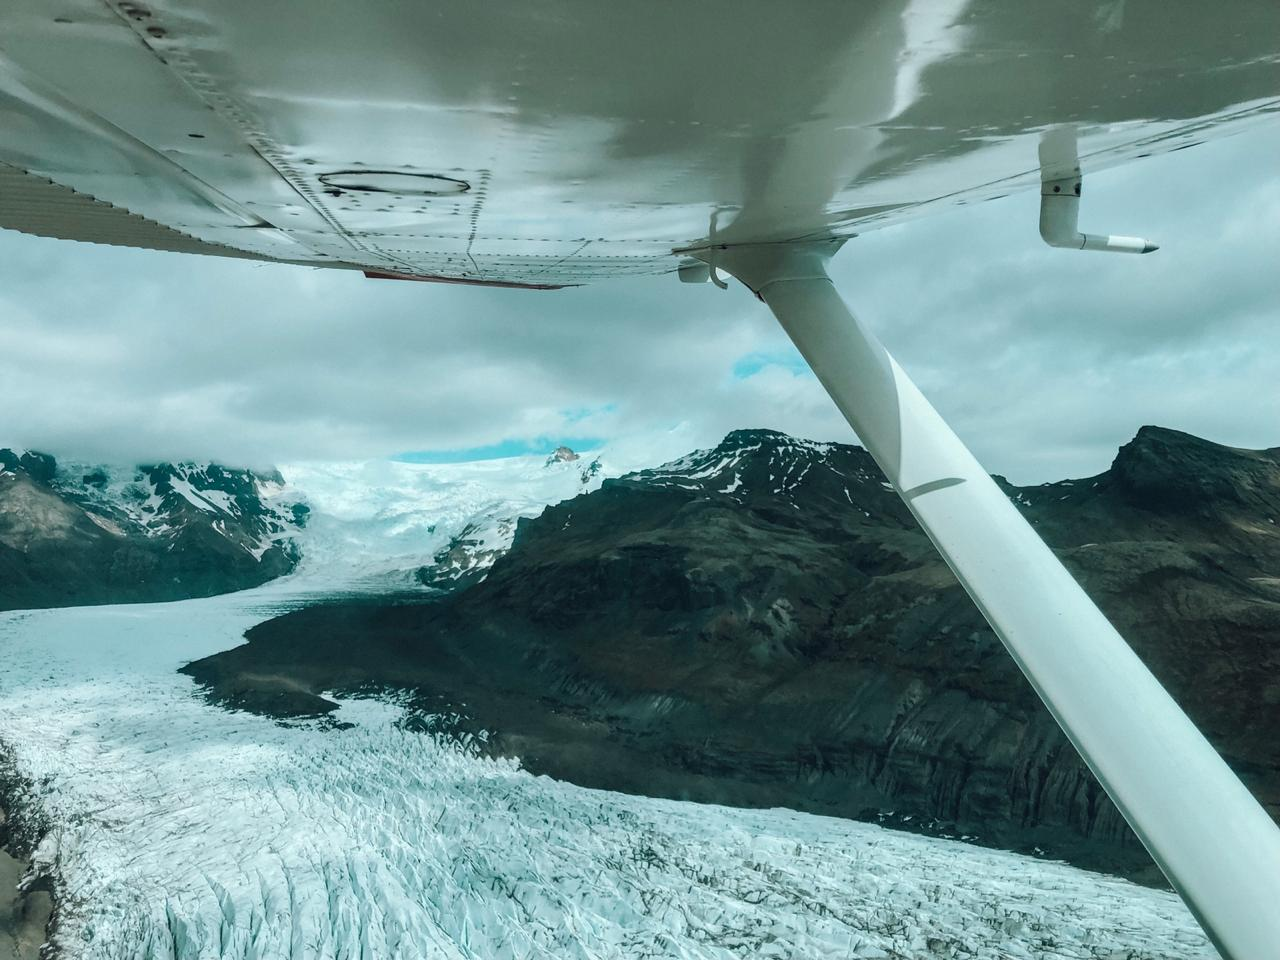 Vista do alto da geleira durante um sobrevoo de monomotor (Foto: Trip To Follow)